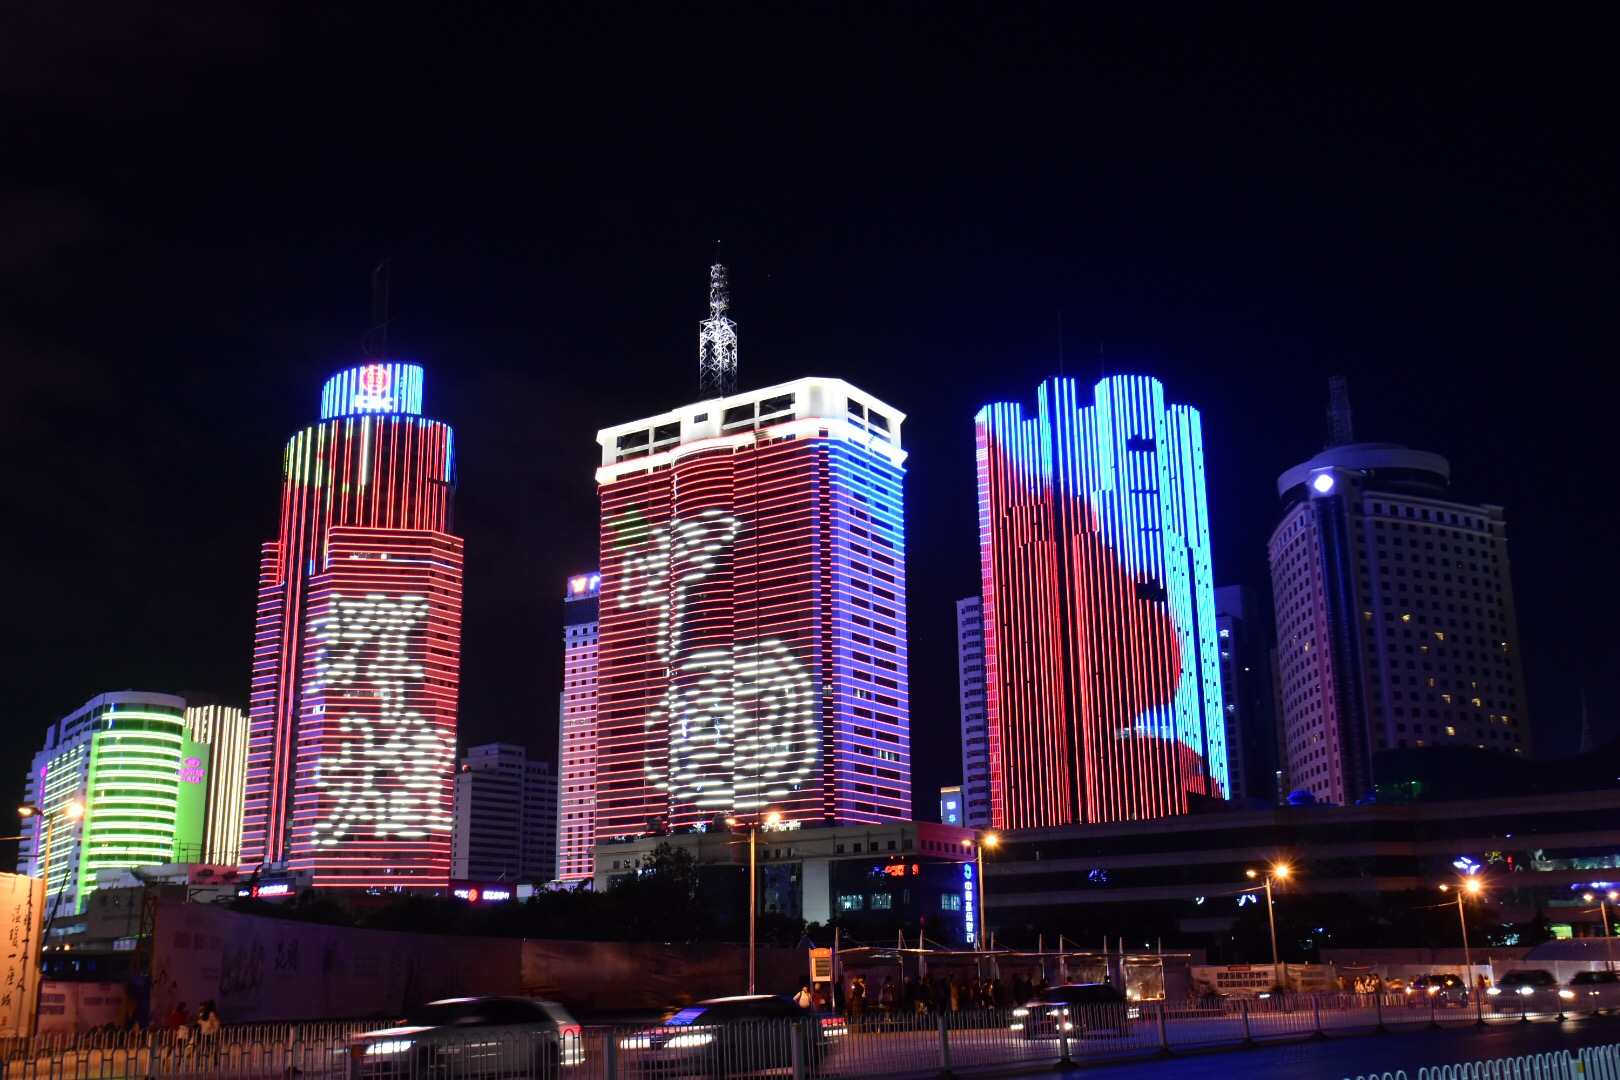 骄傲!2018年中国百强区发布 昆明官渡五华上榜